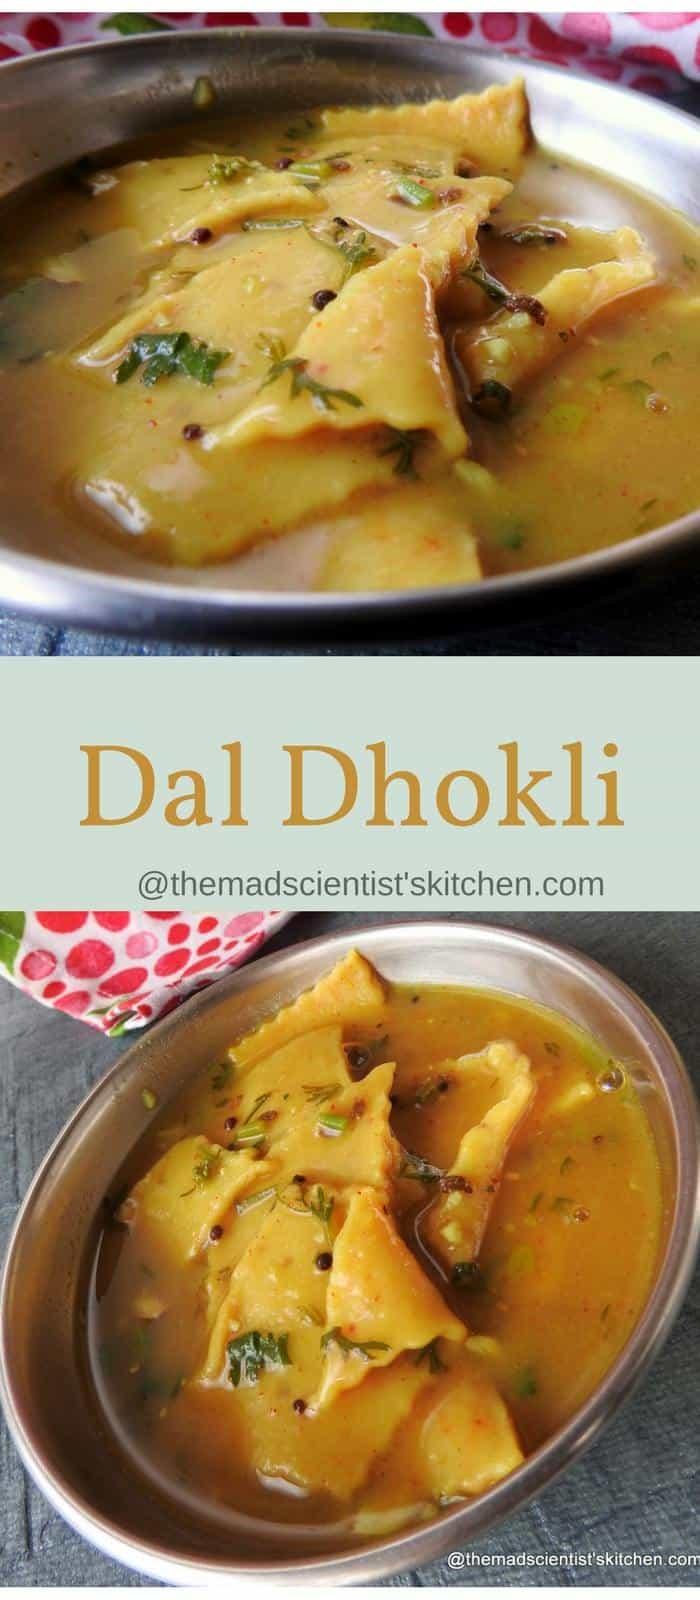 Dal Dhokli, Varan Phal, Chakolya, Whole Wheat Noodles In Lentil Stew